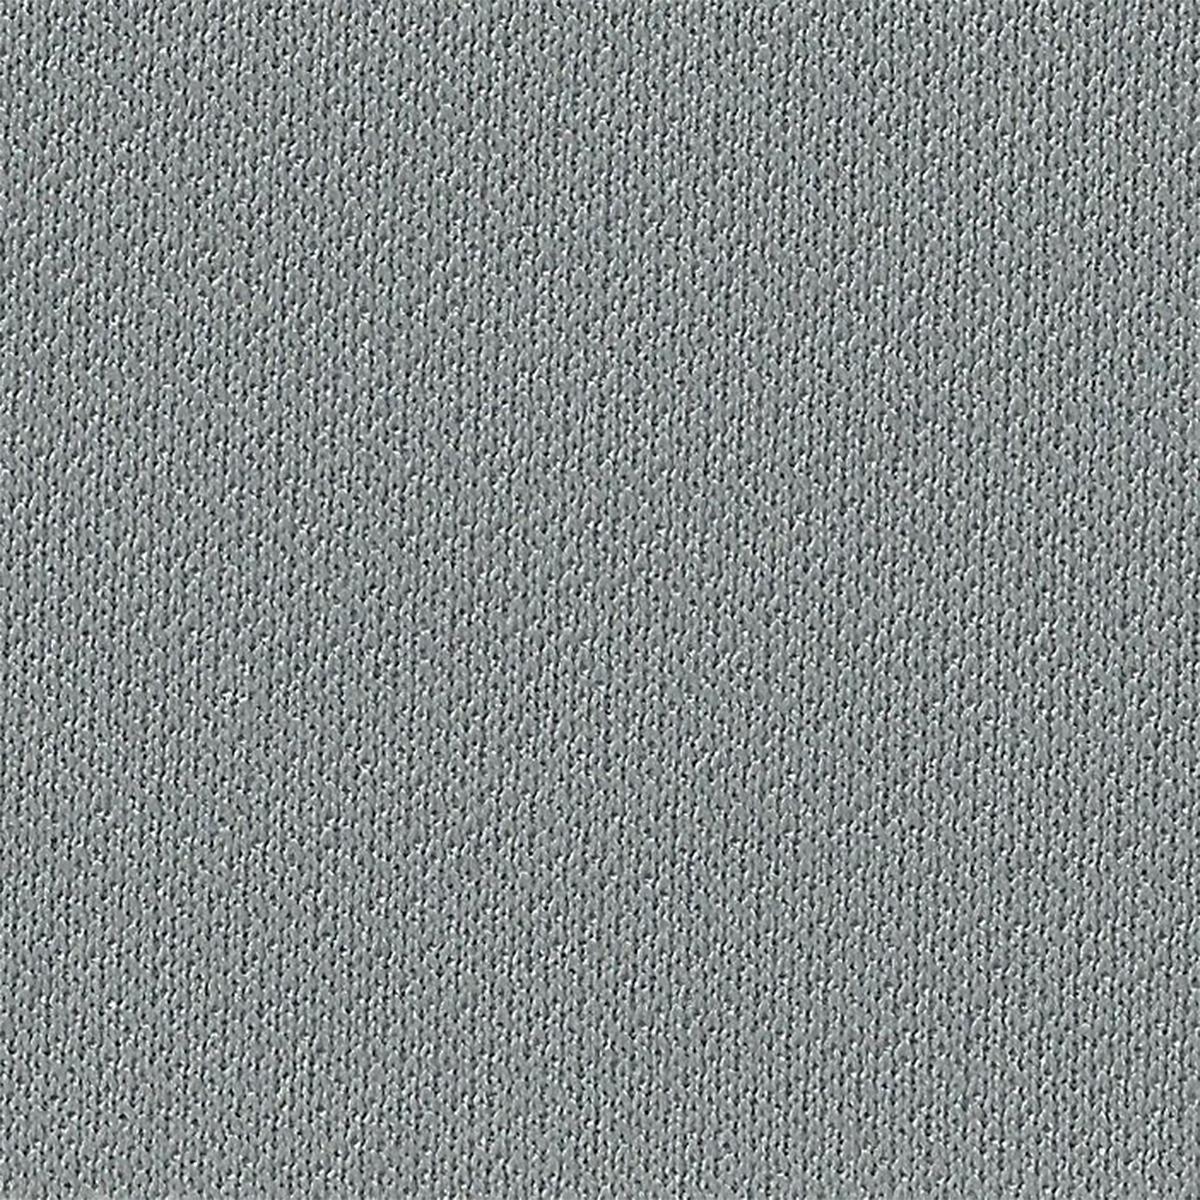 Dox Light Grey